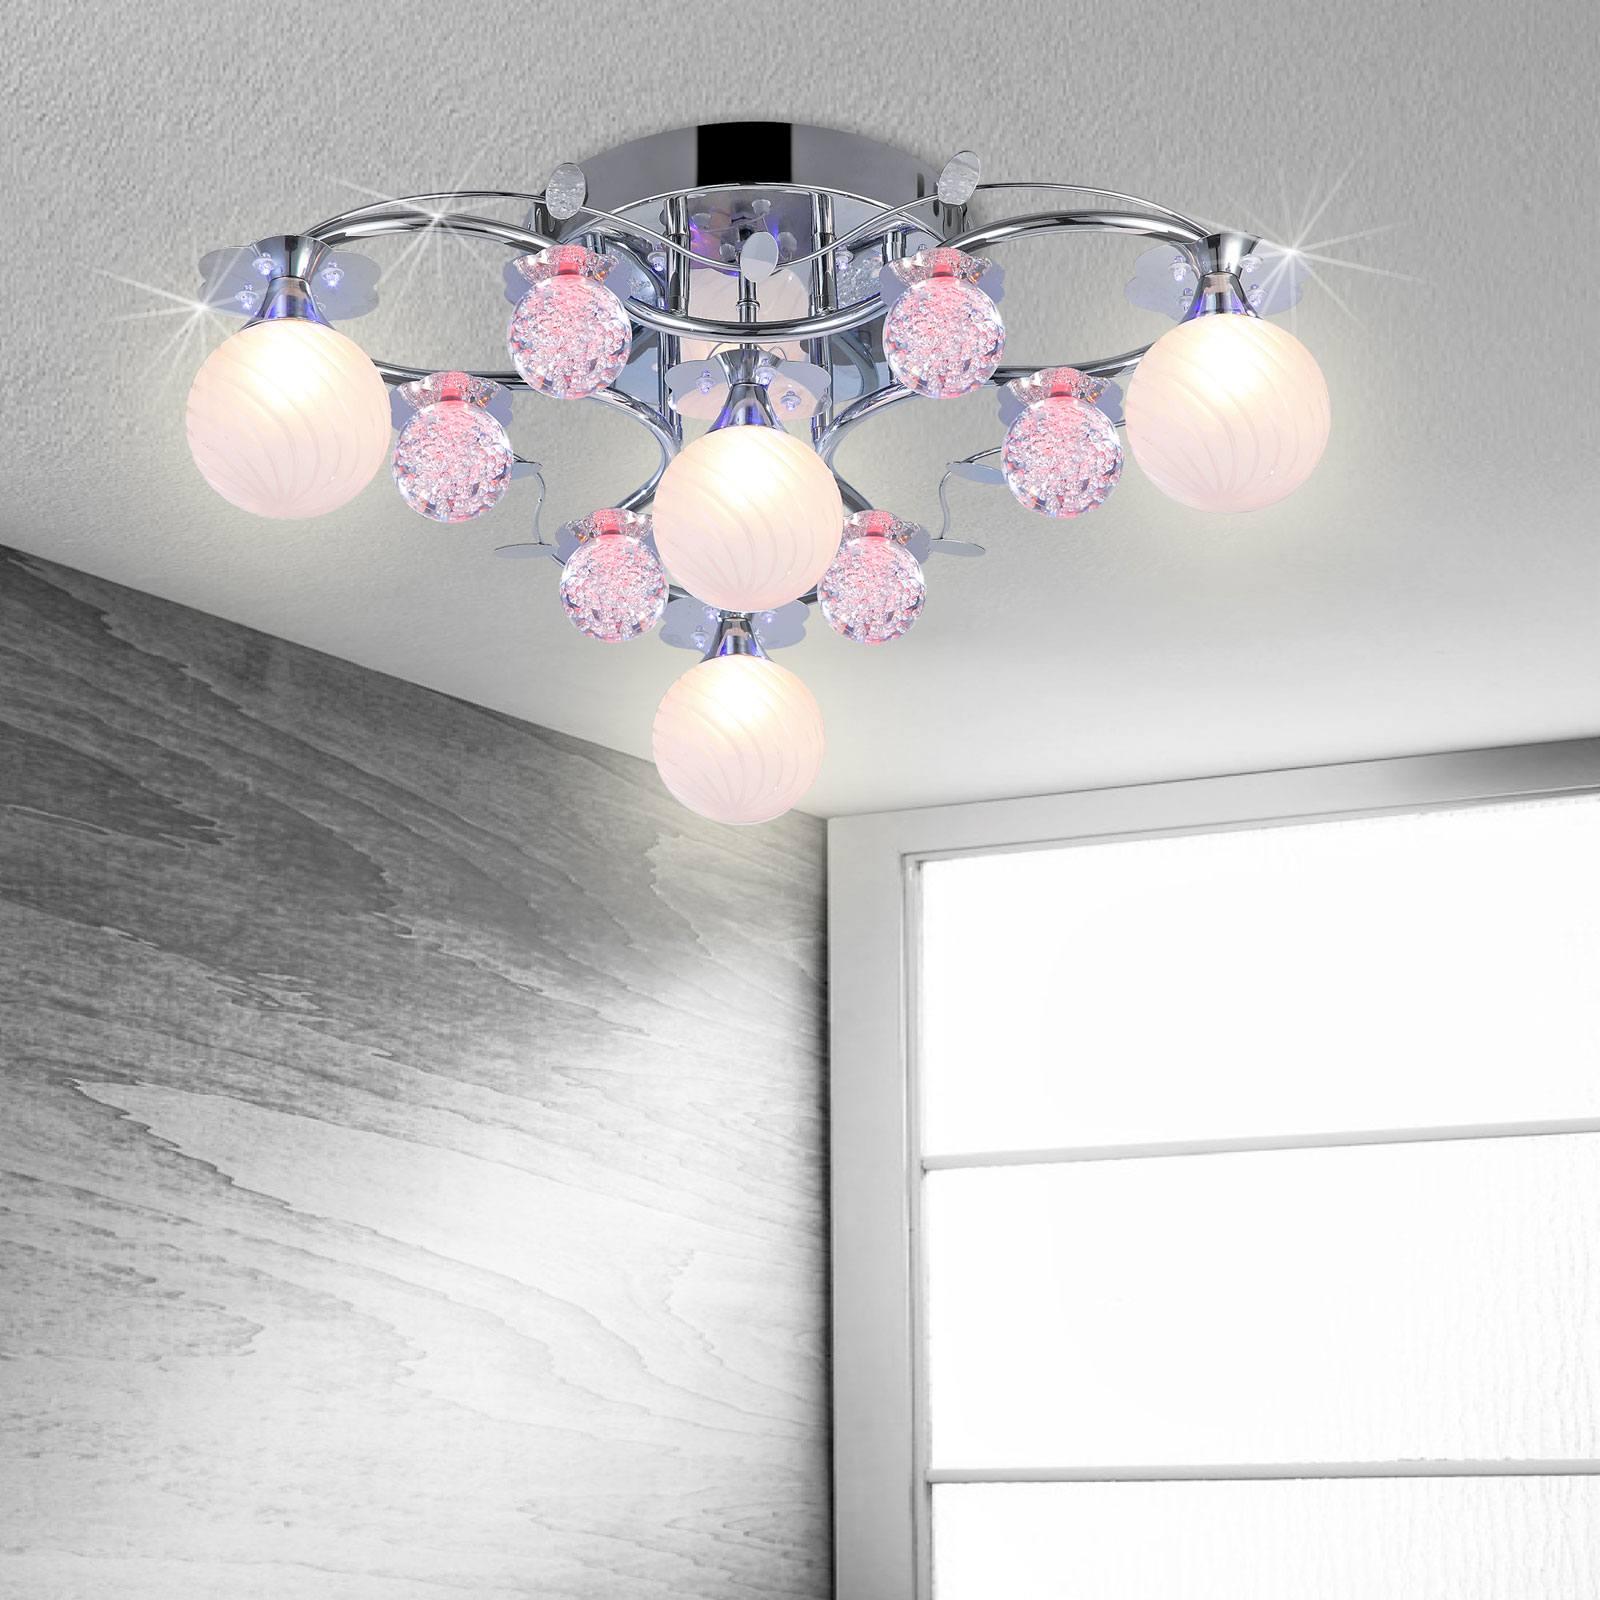 Full Size of Led Deckenlampe Wohnzimmer Schlafzimmer Leuchte Farbwechsel 4 Komplett Günstig Romantische Schrank Landhaus Mit überbau Betten Deckenleuchte Kronleuchter Schlafzimmer Deckenleuchte Schlafzimmer